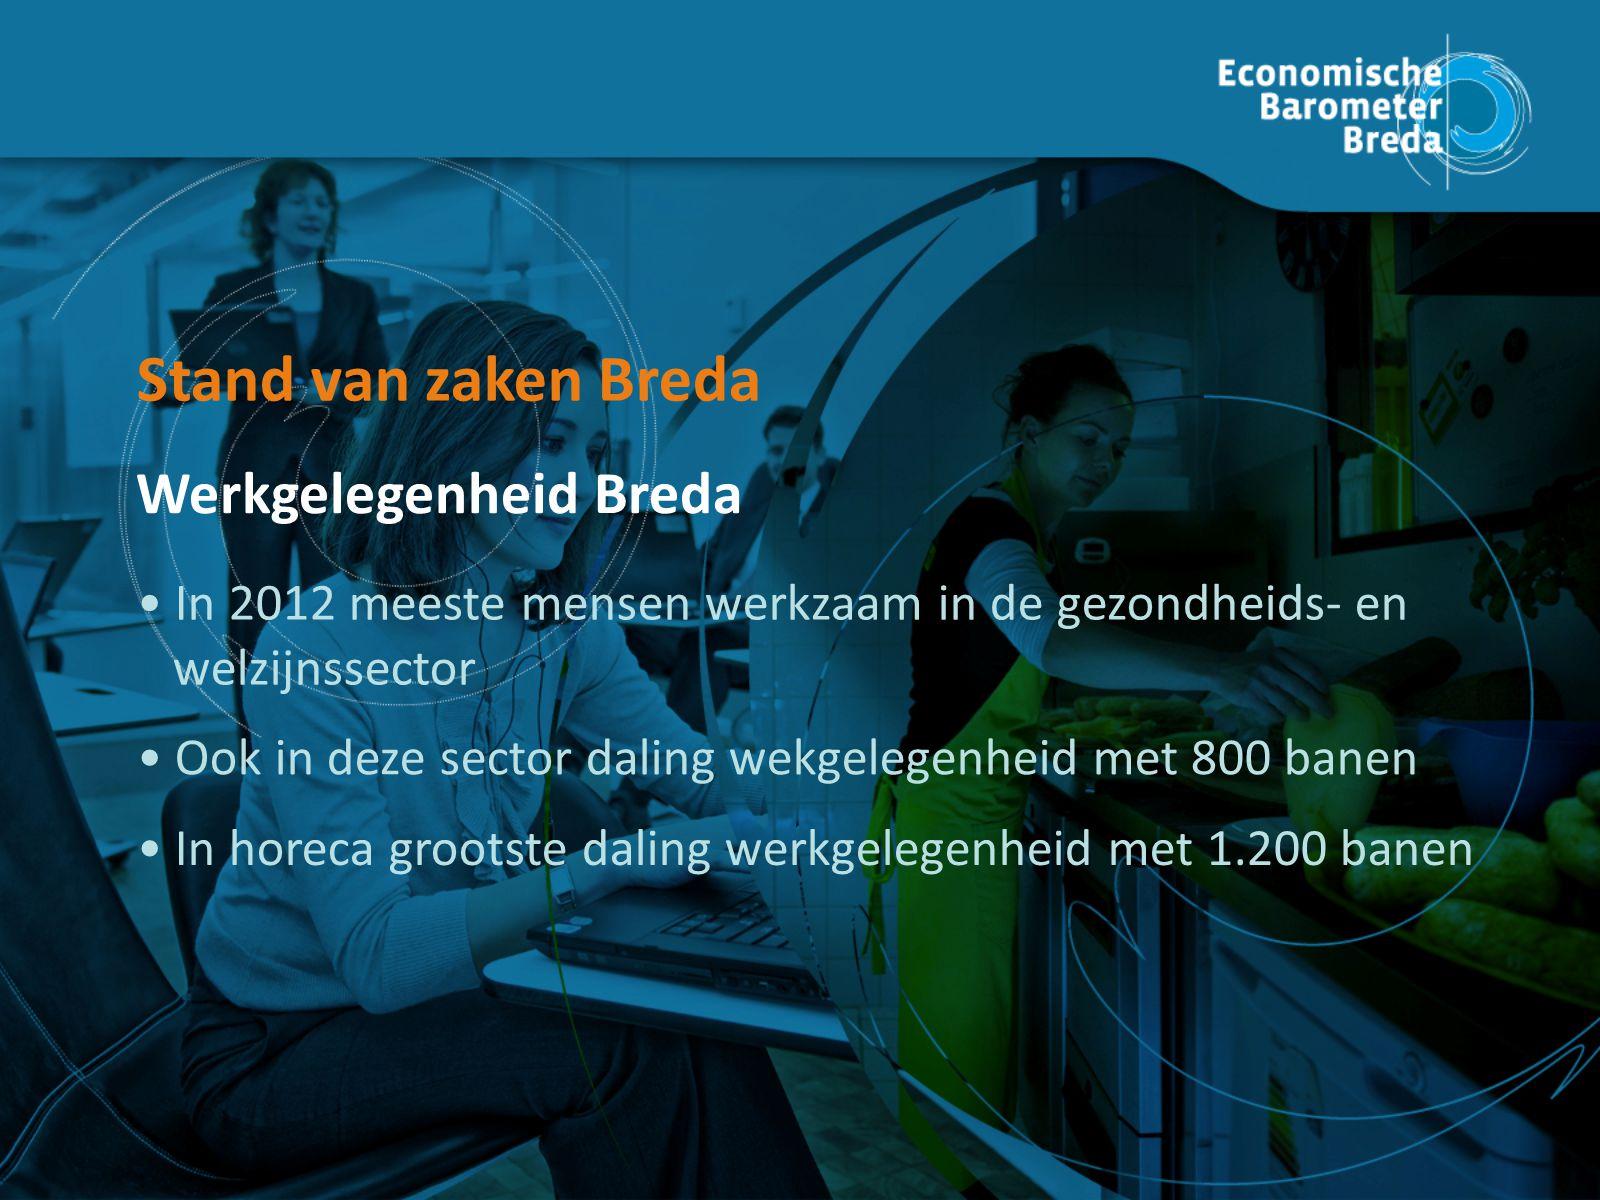 In horeca grootste daling werkgelegenheid met 1.200 banen Ook in deze sector daling wekgelegenheid met 800 banen In 2012 meeste mensen werkzaam in de gezondheids- en welzijnssector Stand van zaken Breda Werkgelegenheid Breda Stand van zaken Breda